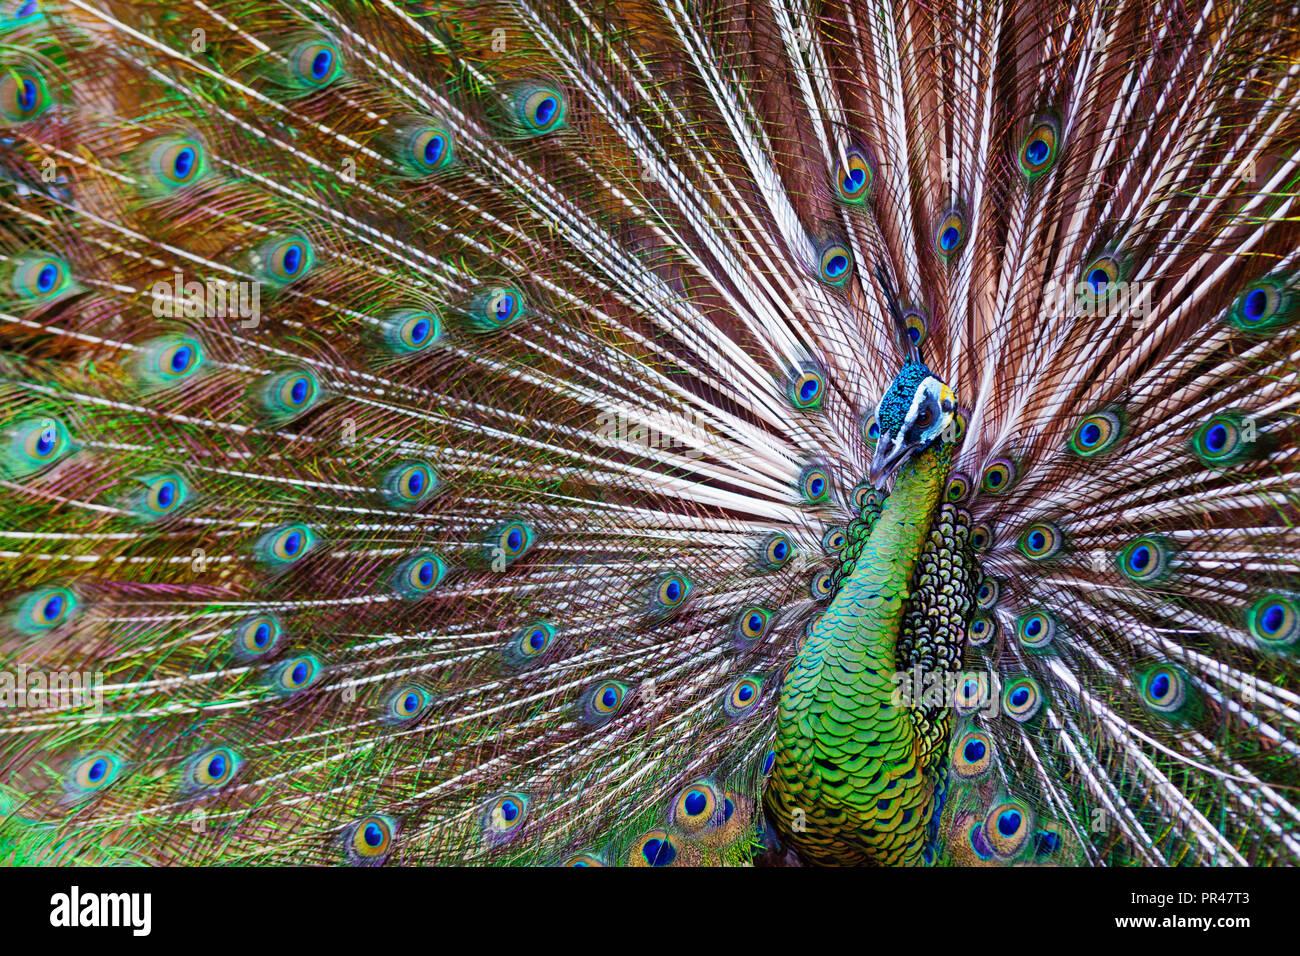 Portrait von wild lebenden männlichen Pfau mit aufgefächerten bunten Zug. Grüne asiatische Pfauen Anzeige Schwanz mit Blau und Gold irisierend Feder. Vogel Gefieder Stockbild